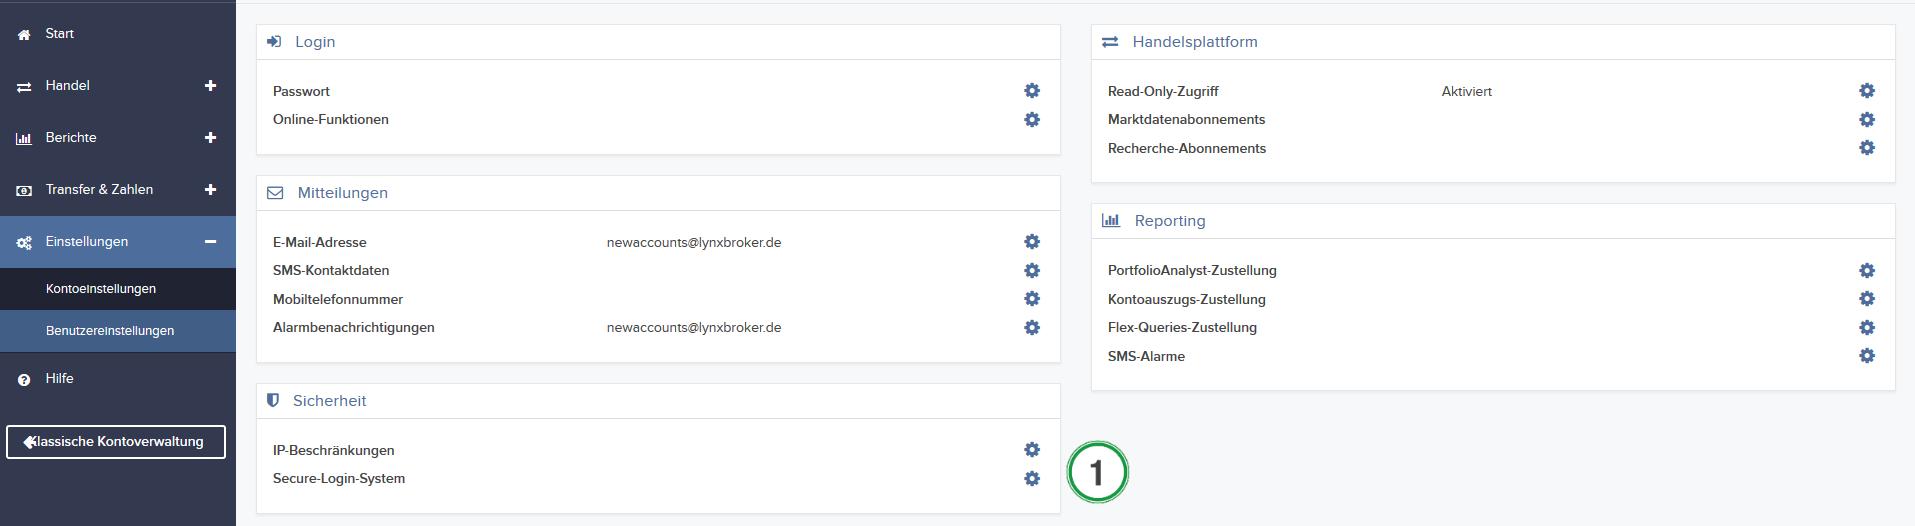 Hier können Sie nachvollziehen, wie Sie die Zwei Faktor Authentifizierung für Ihr Depot aktivieren können.